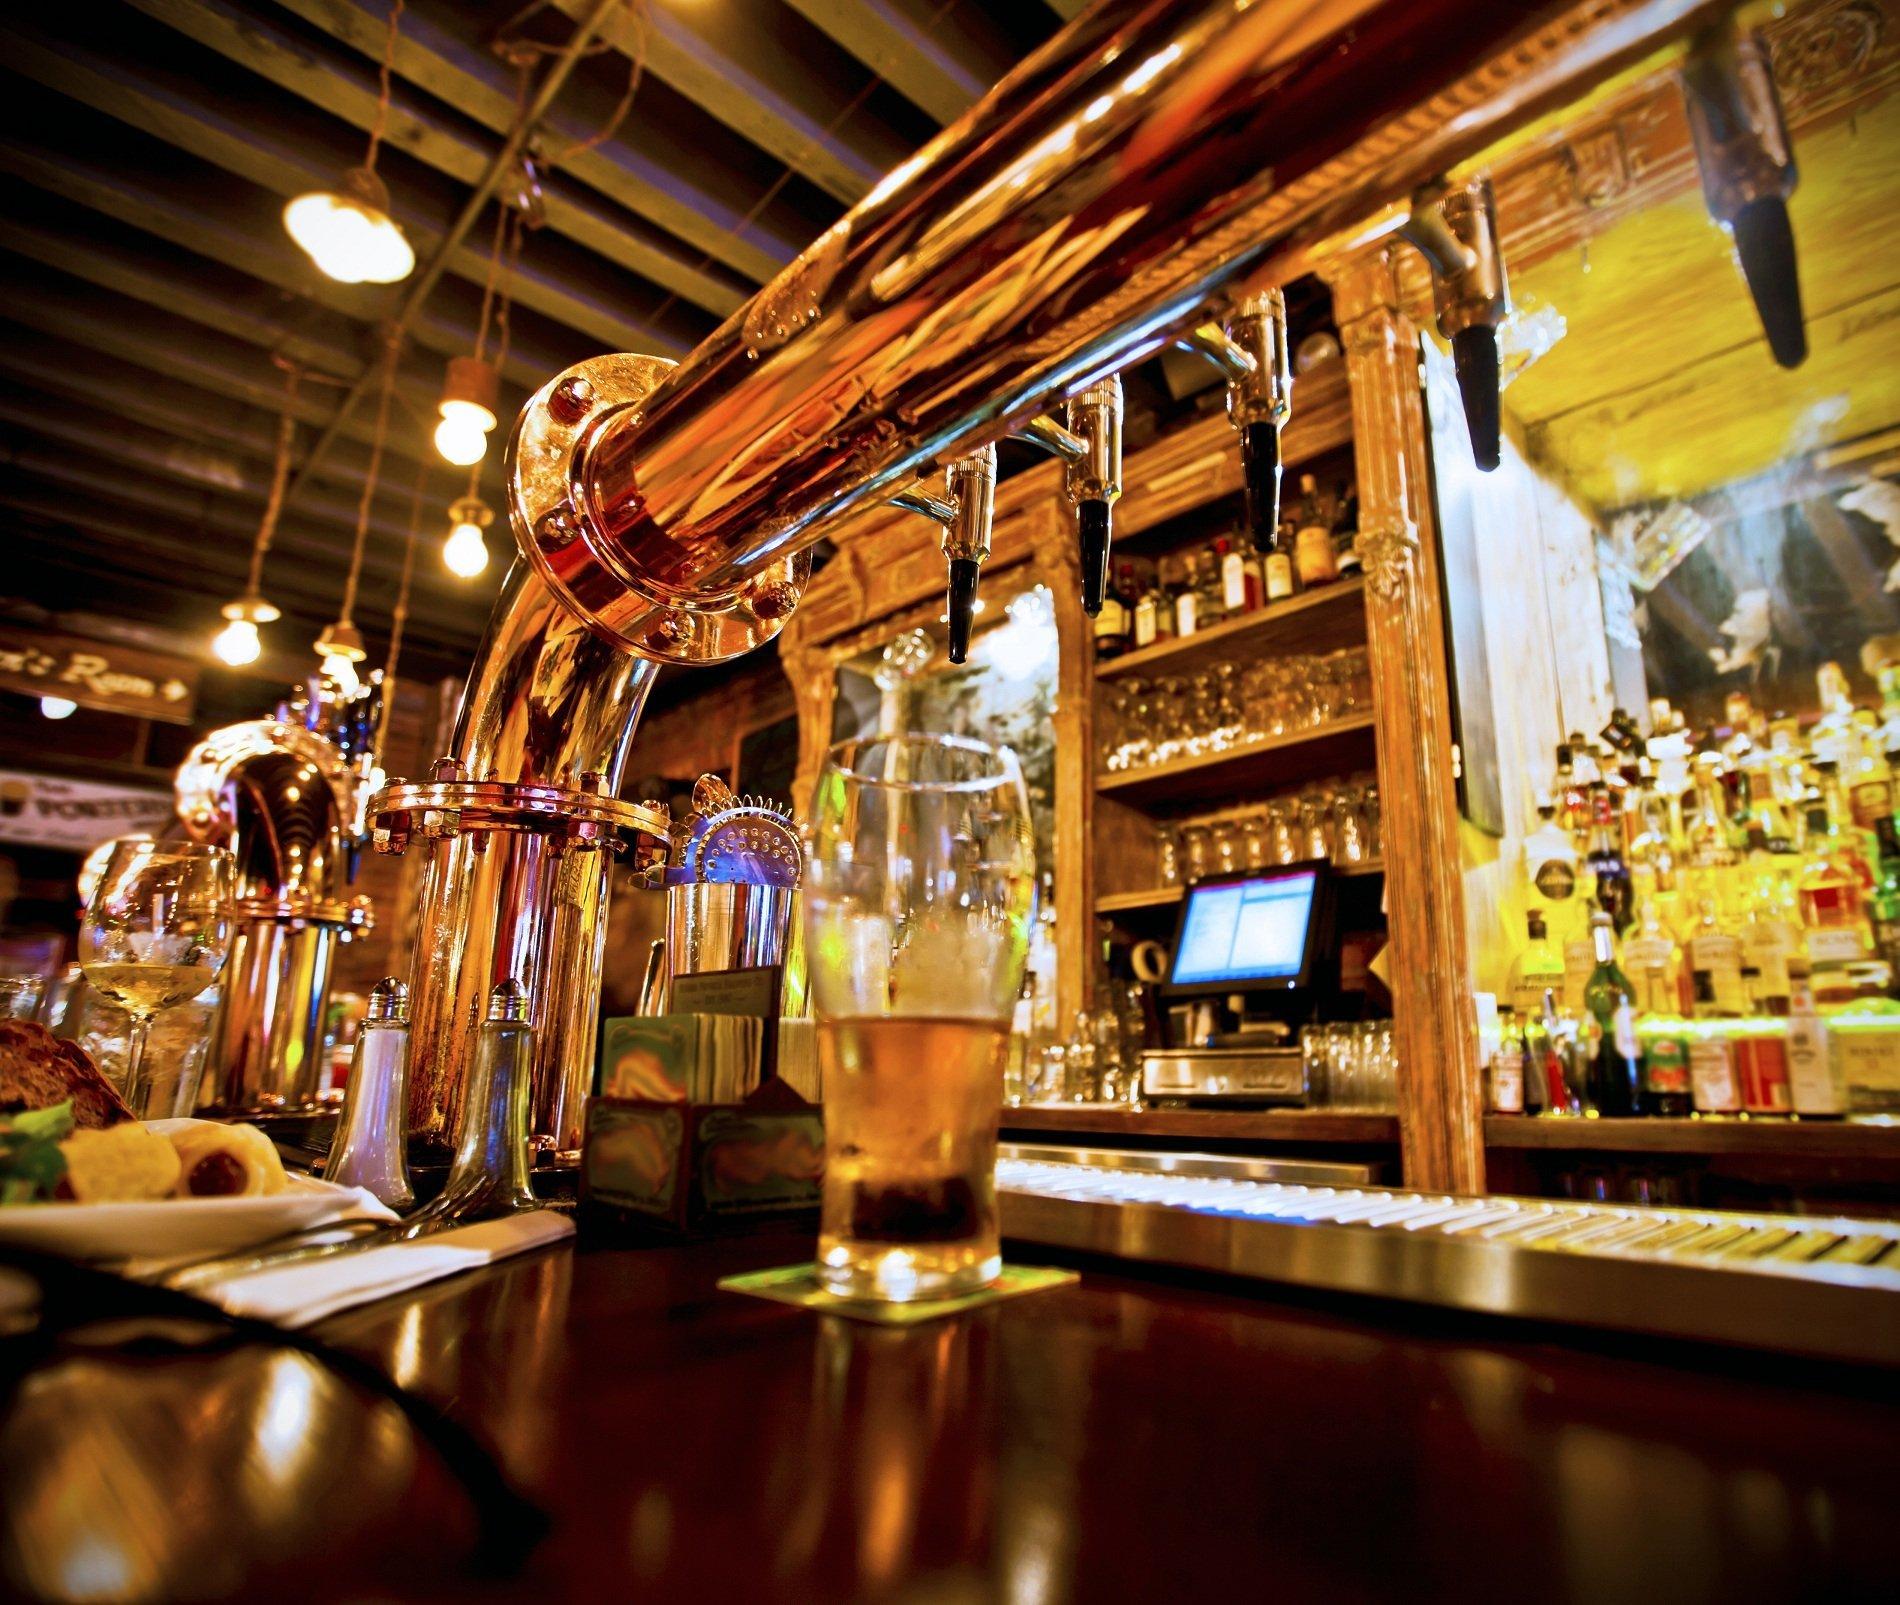 Immagine del pub con il tubo e i rubinetti di birra alla spina